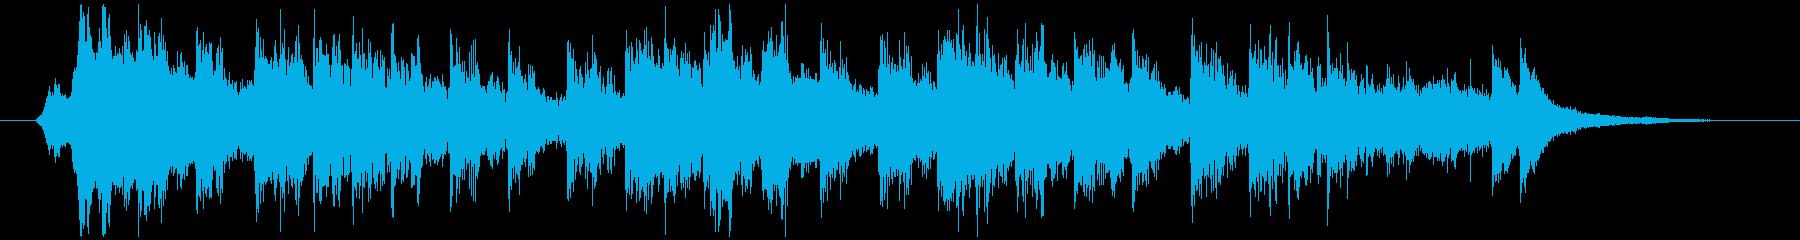 和風クイズ 考え中の緊迫BGM【15秒】の再生済みの波形